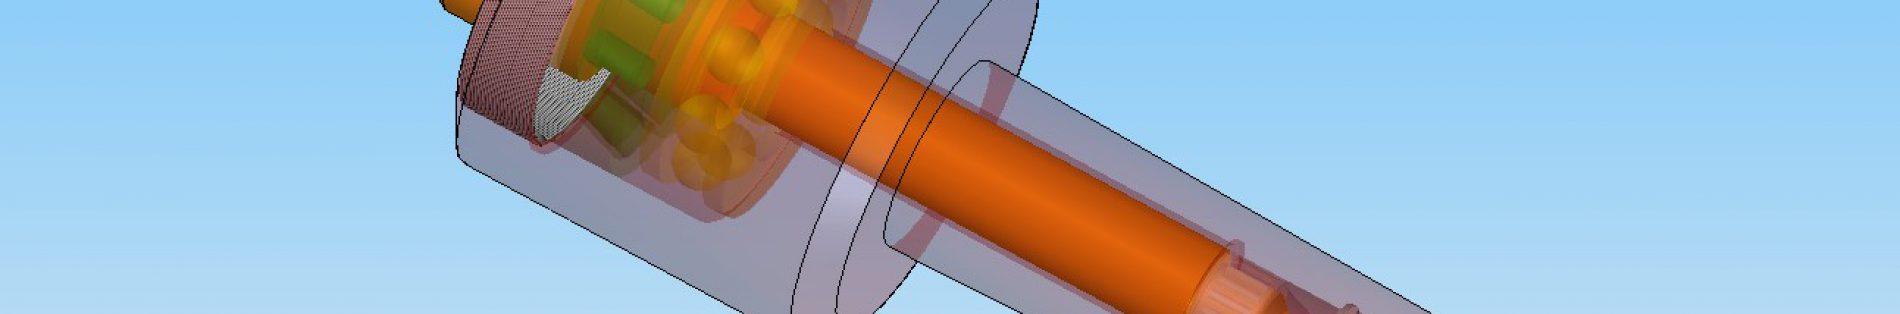 Beispiel einer Baugruppe: mitlaufende Körnerspitze (3D-Volumenkörper)